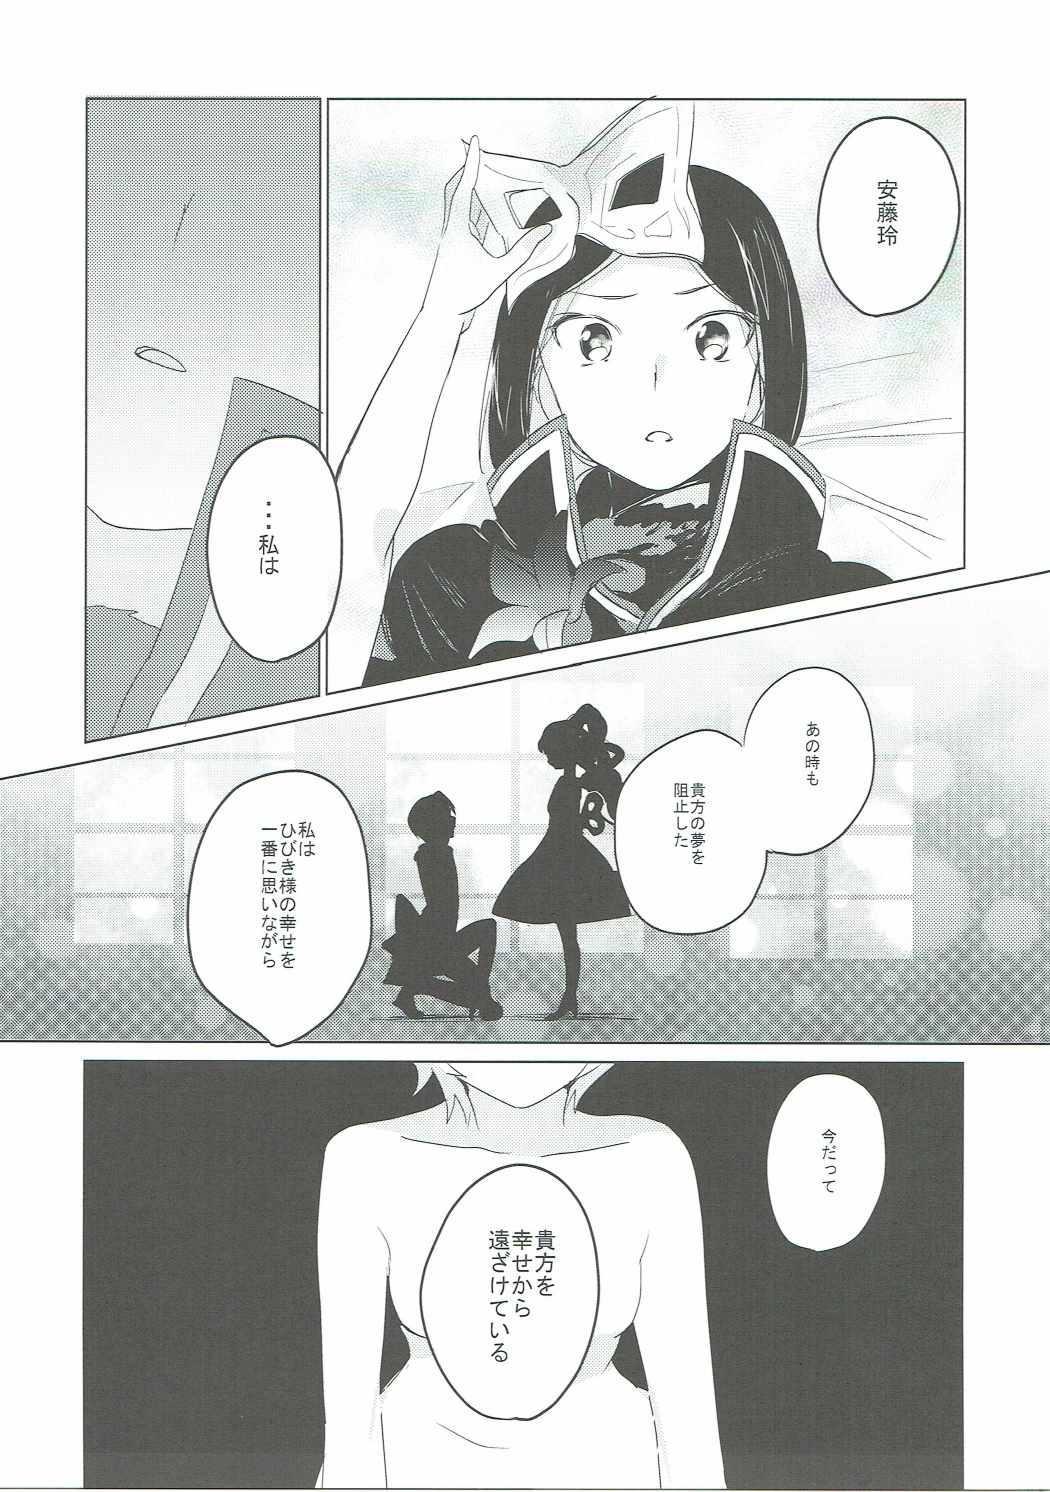 Soshitara Zenbu Yurushite Yaru 19